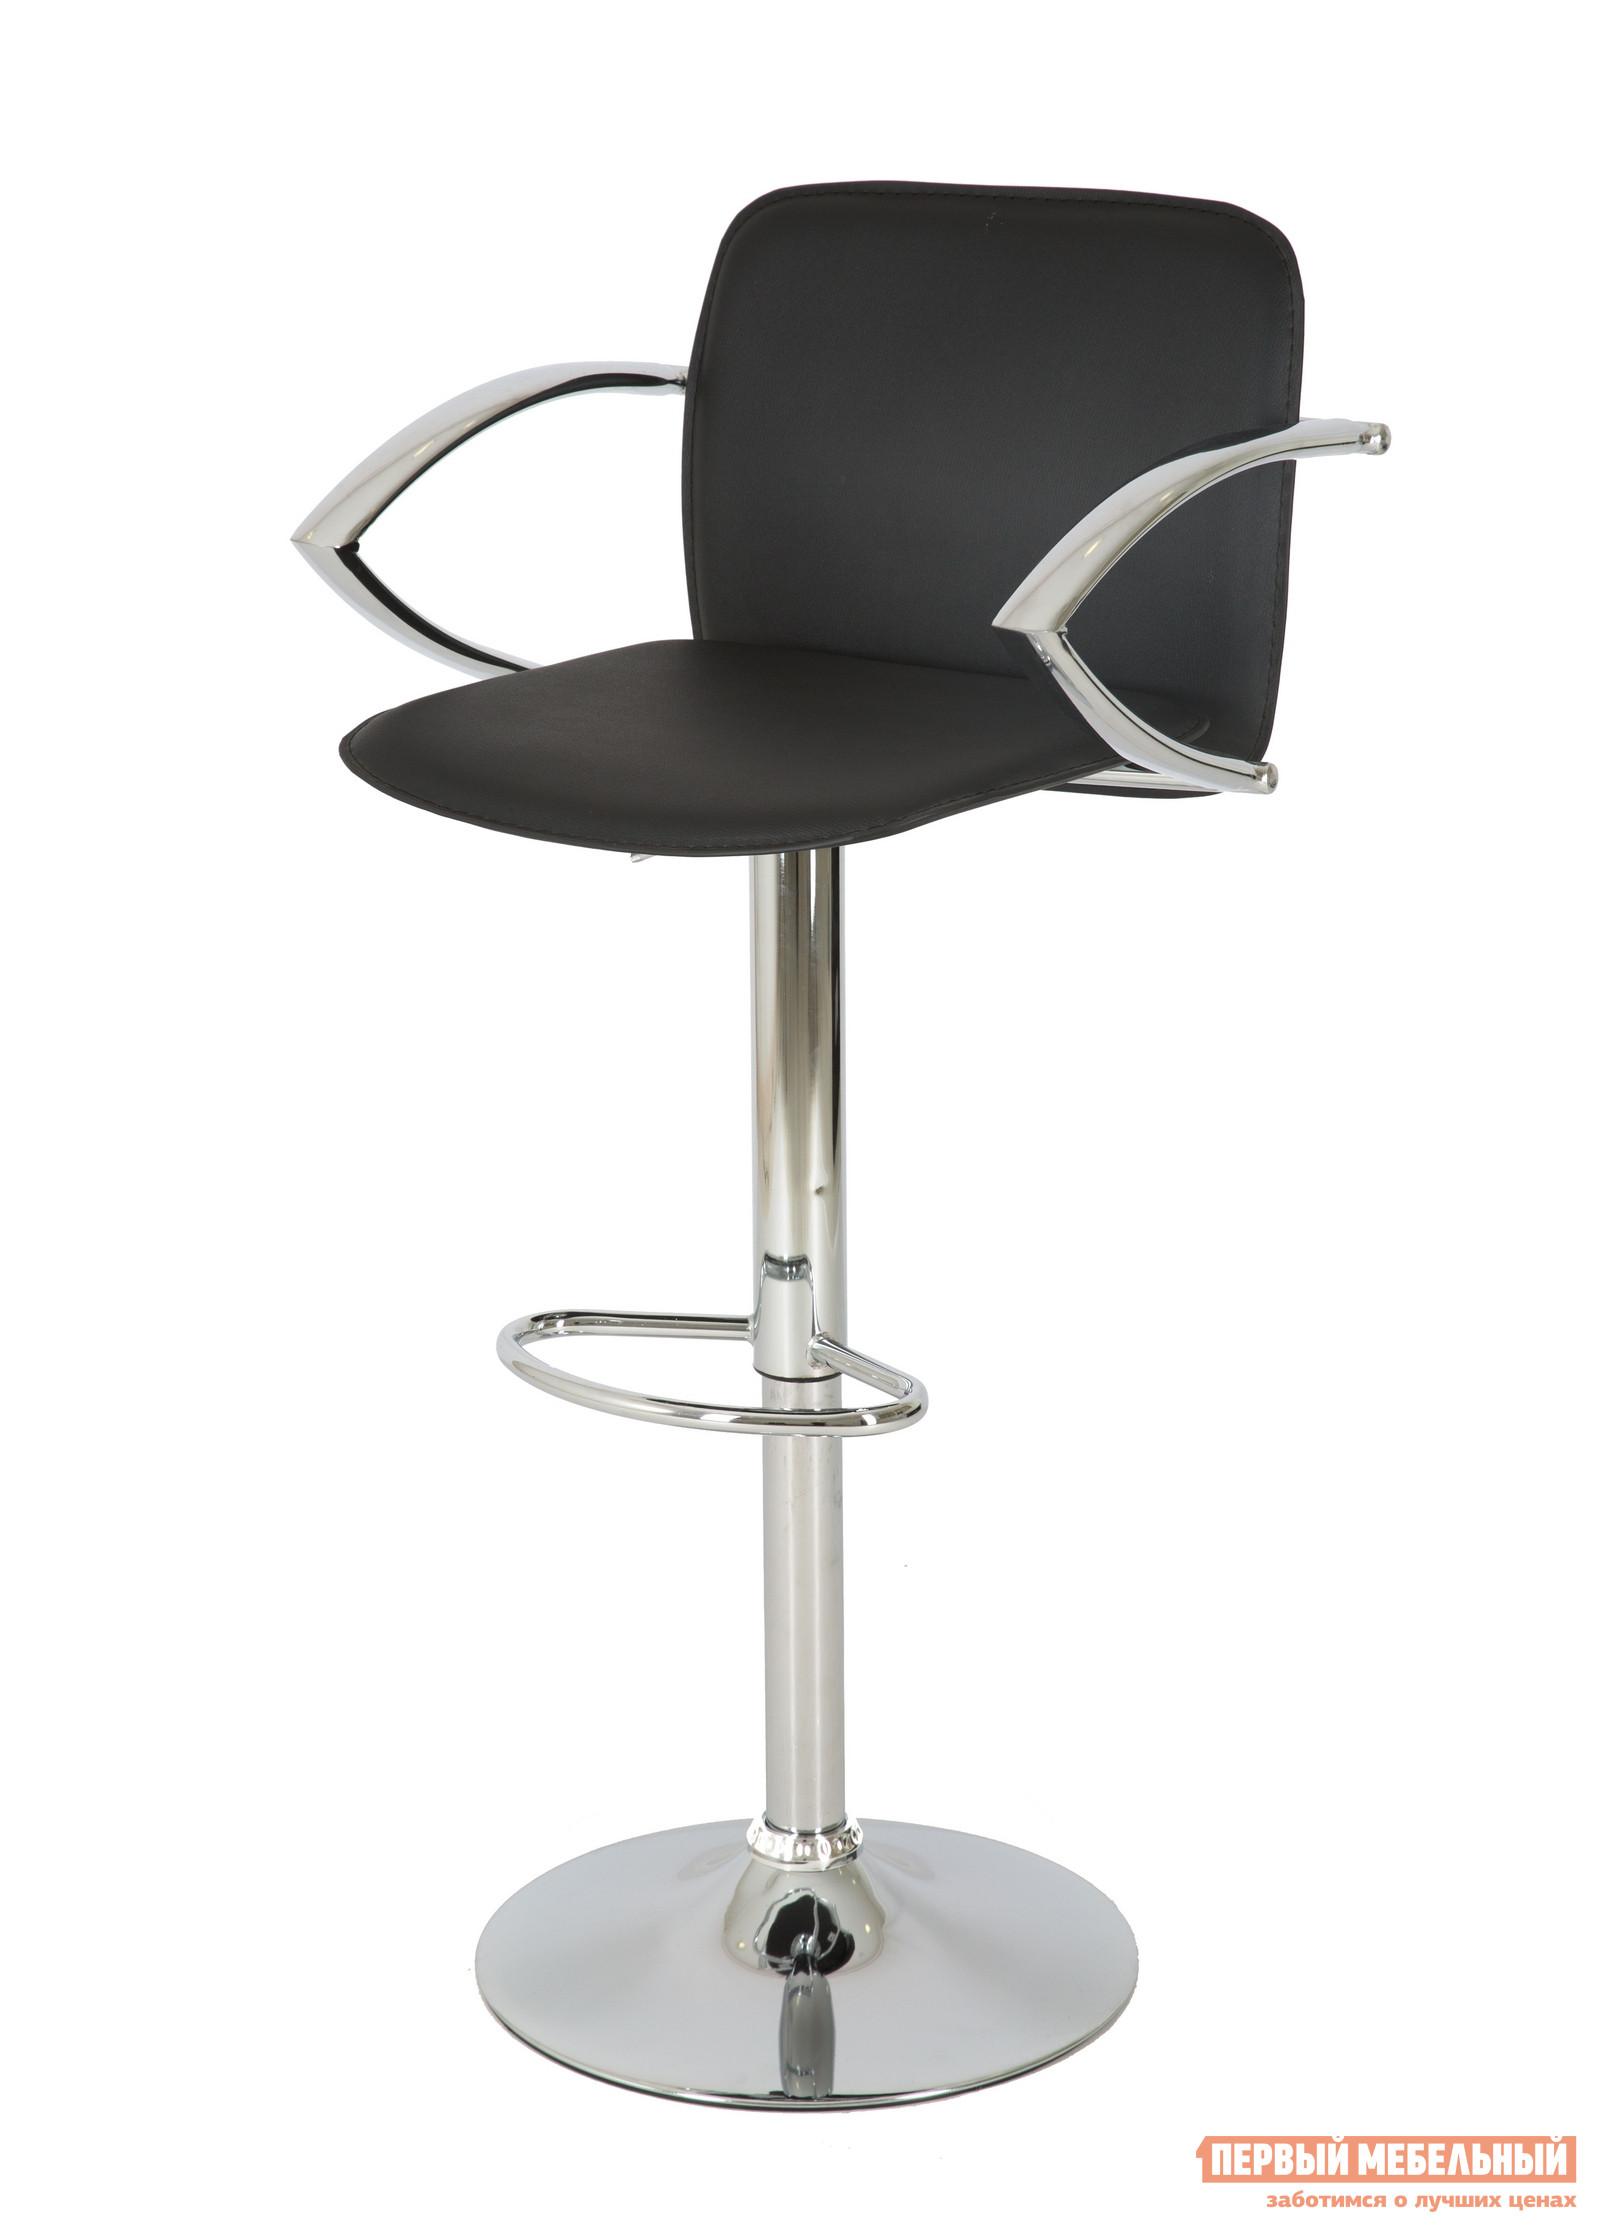 Барный стул Бентли Трейд JY-1016